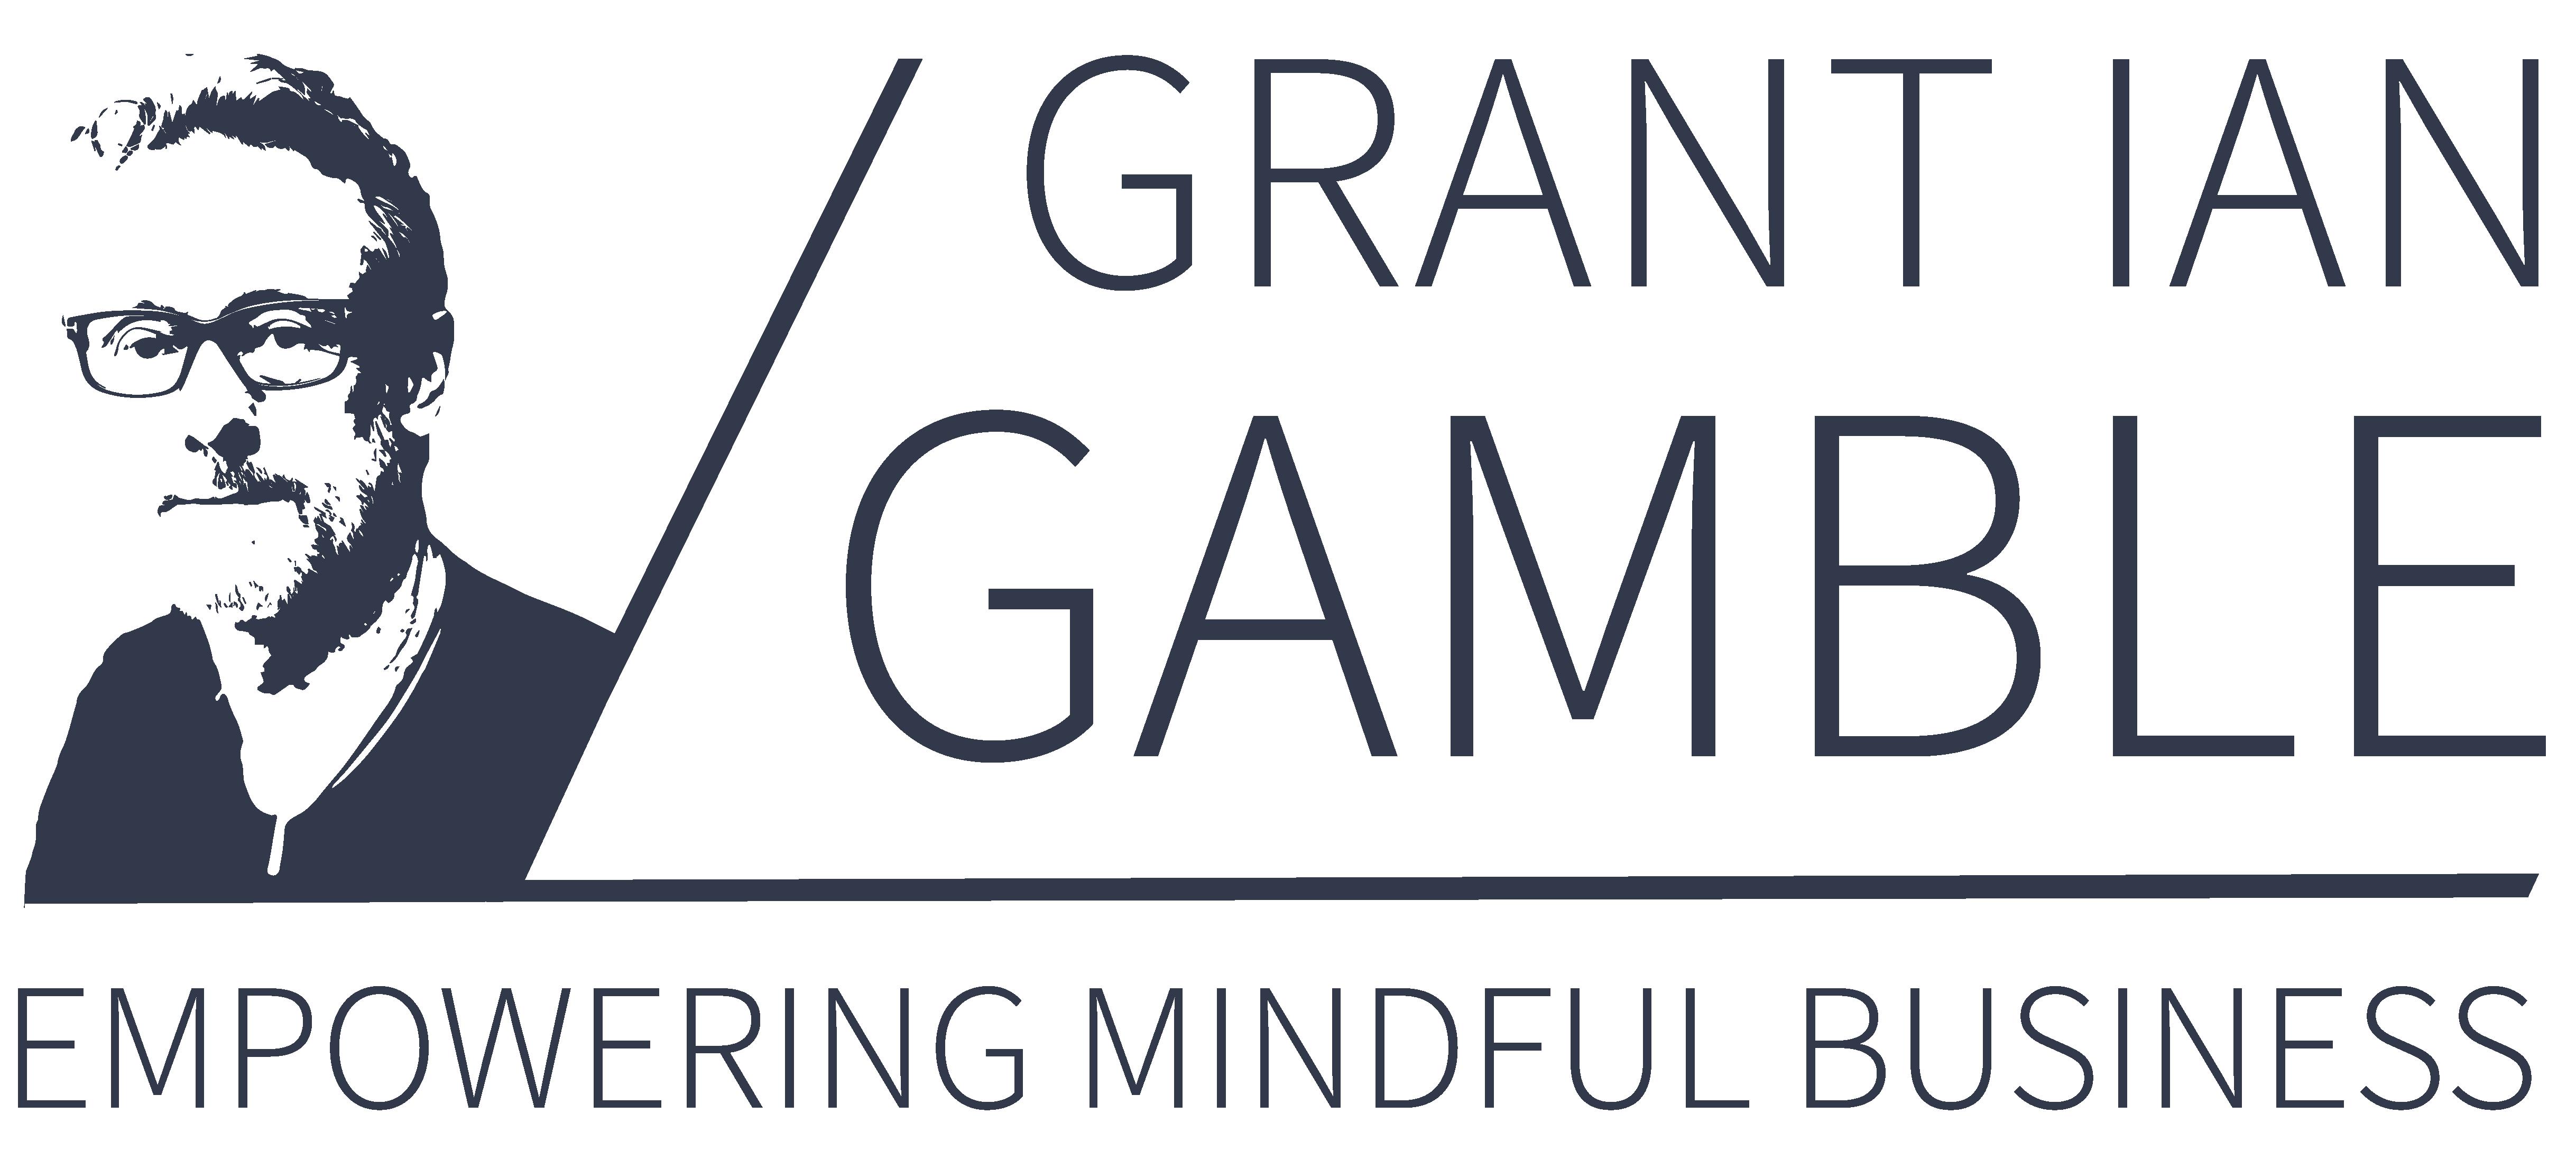 Grant Ian Gamble